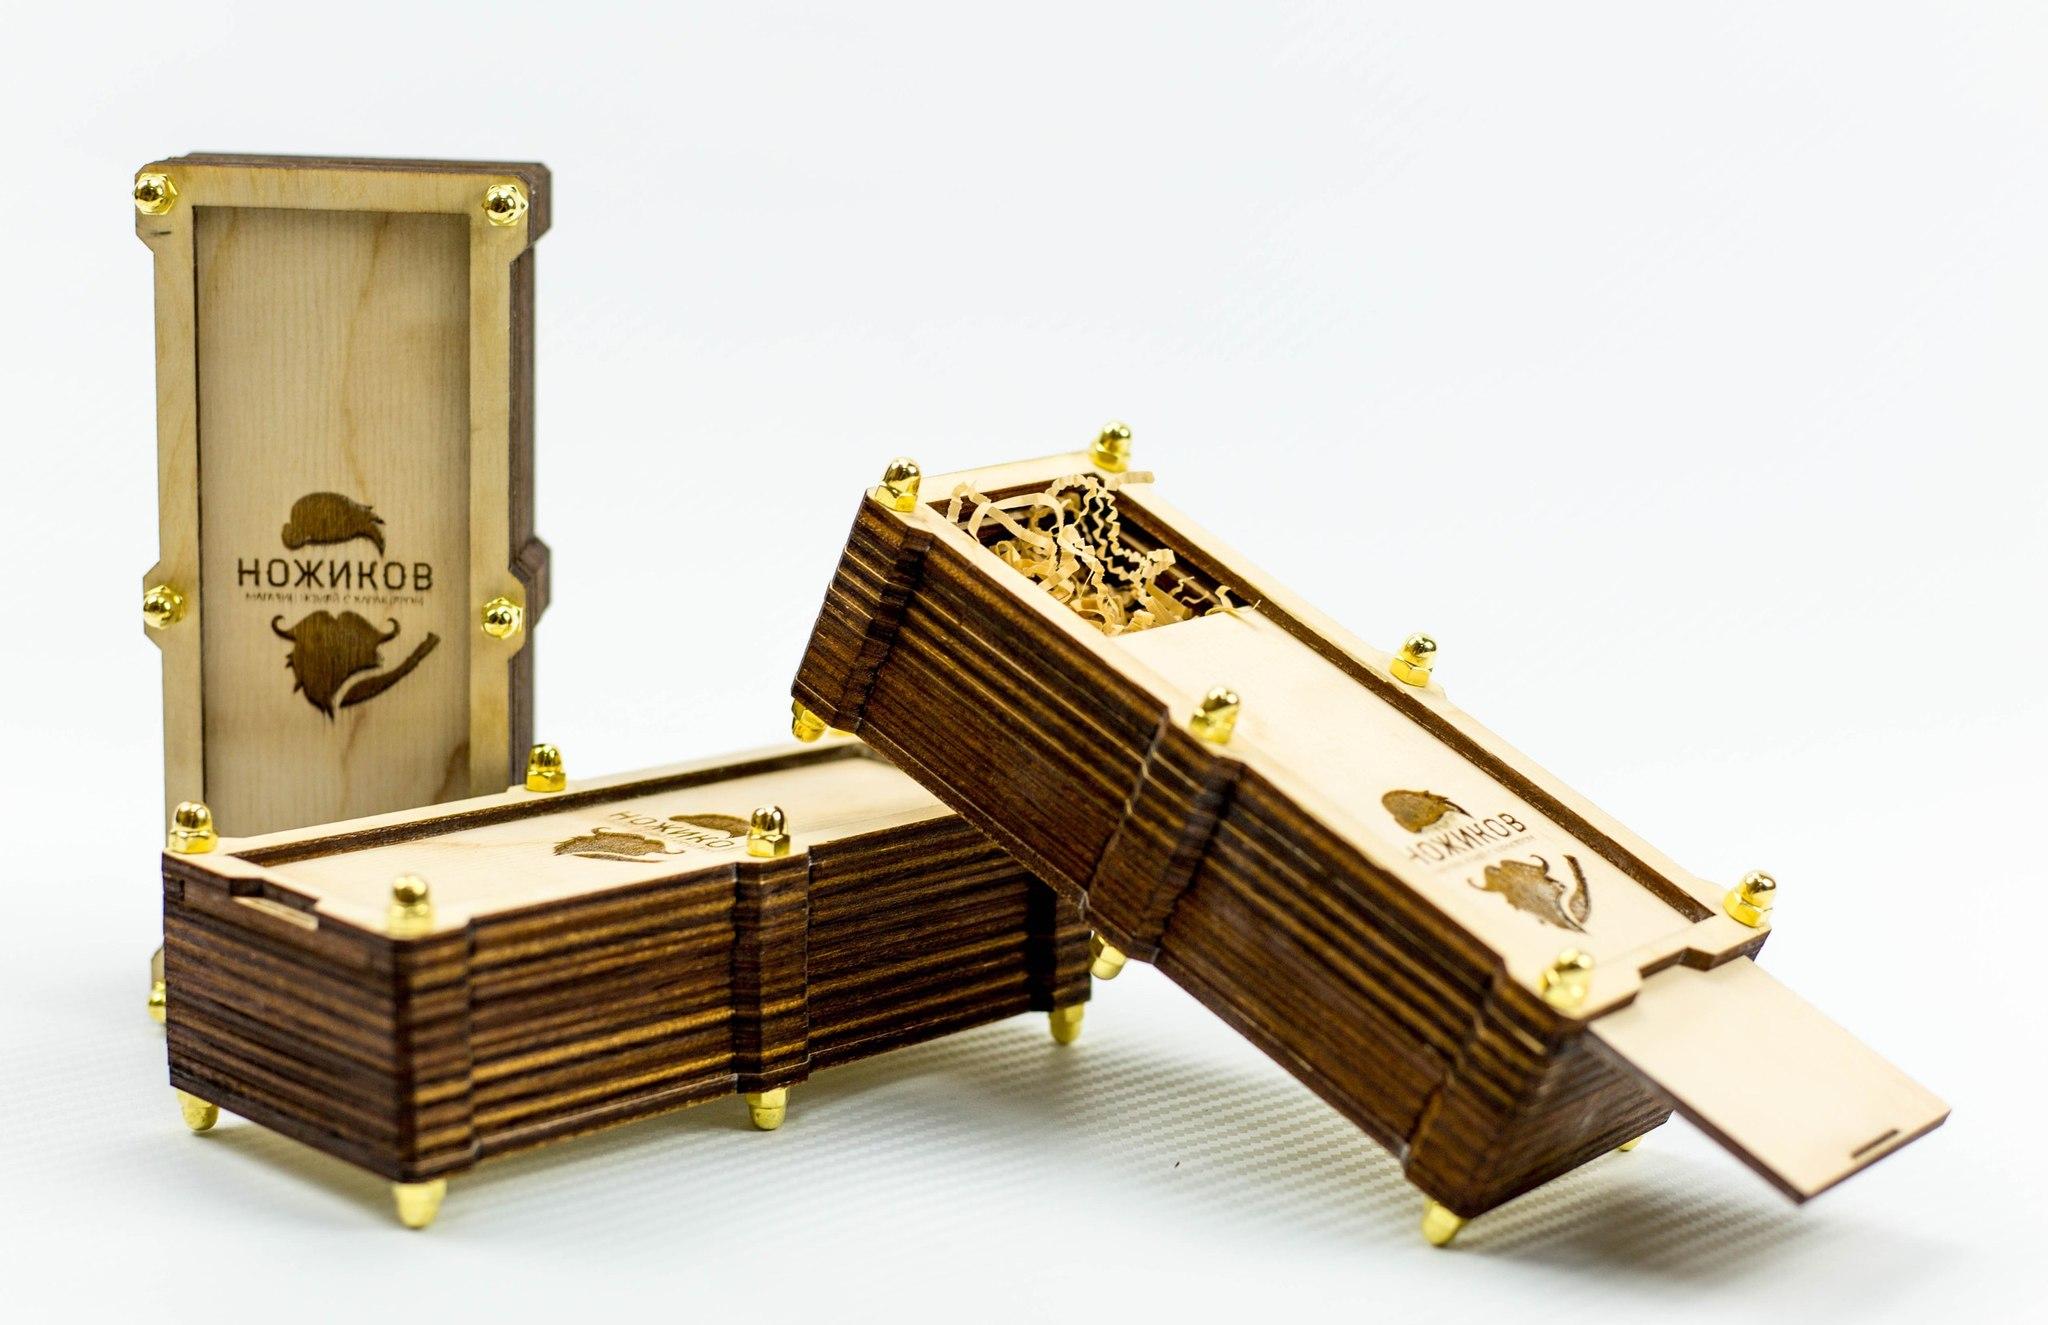 Подарочная коробка для складных ножей, дерево